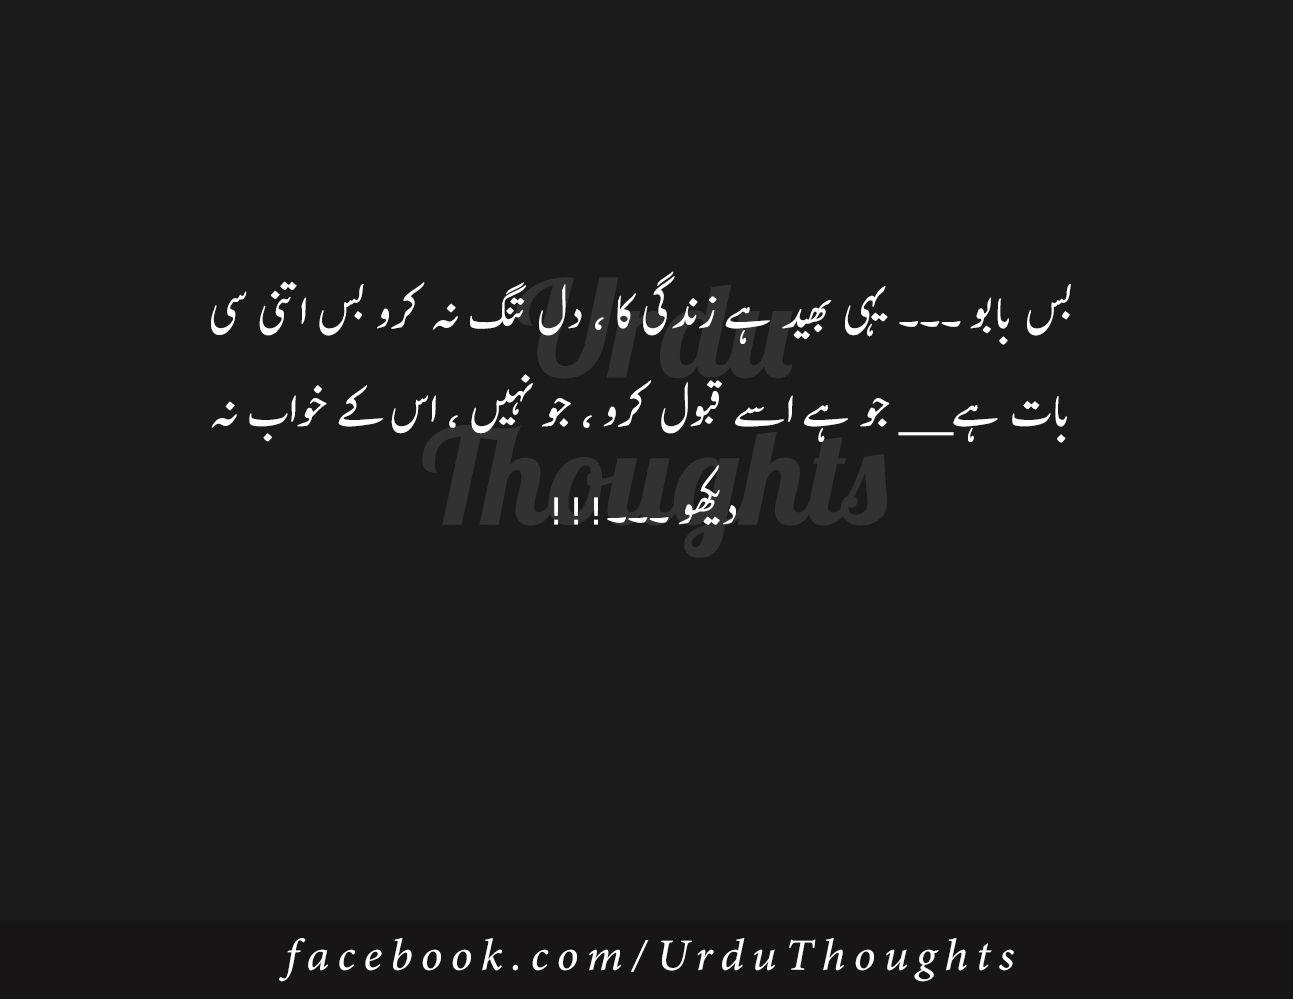 Urdu Quotes Pictures For Facebook Urdu quotes, Urdu